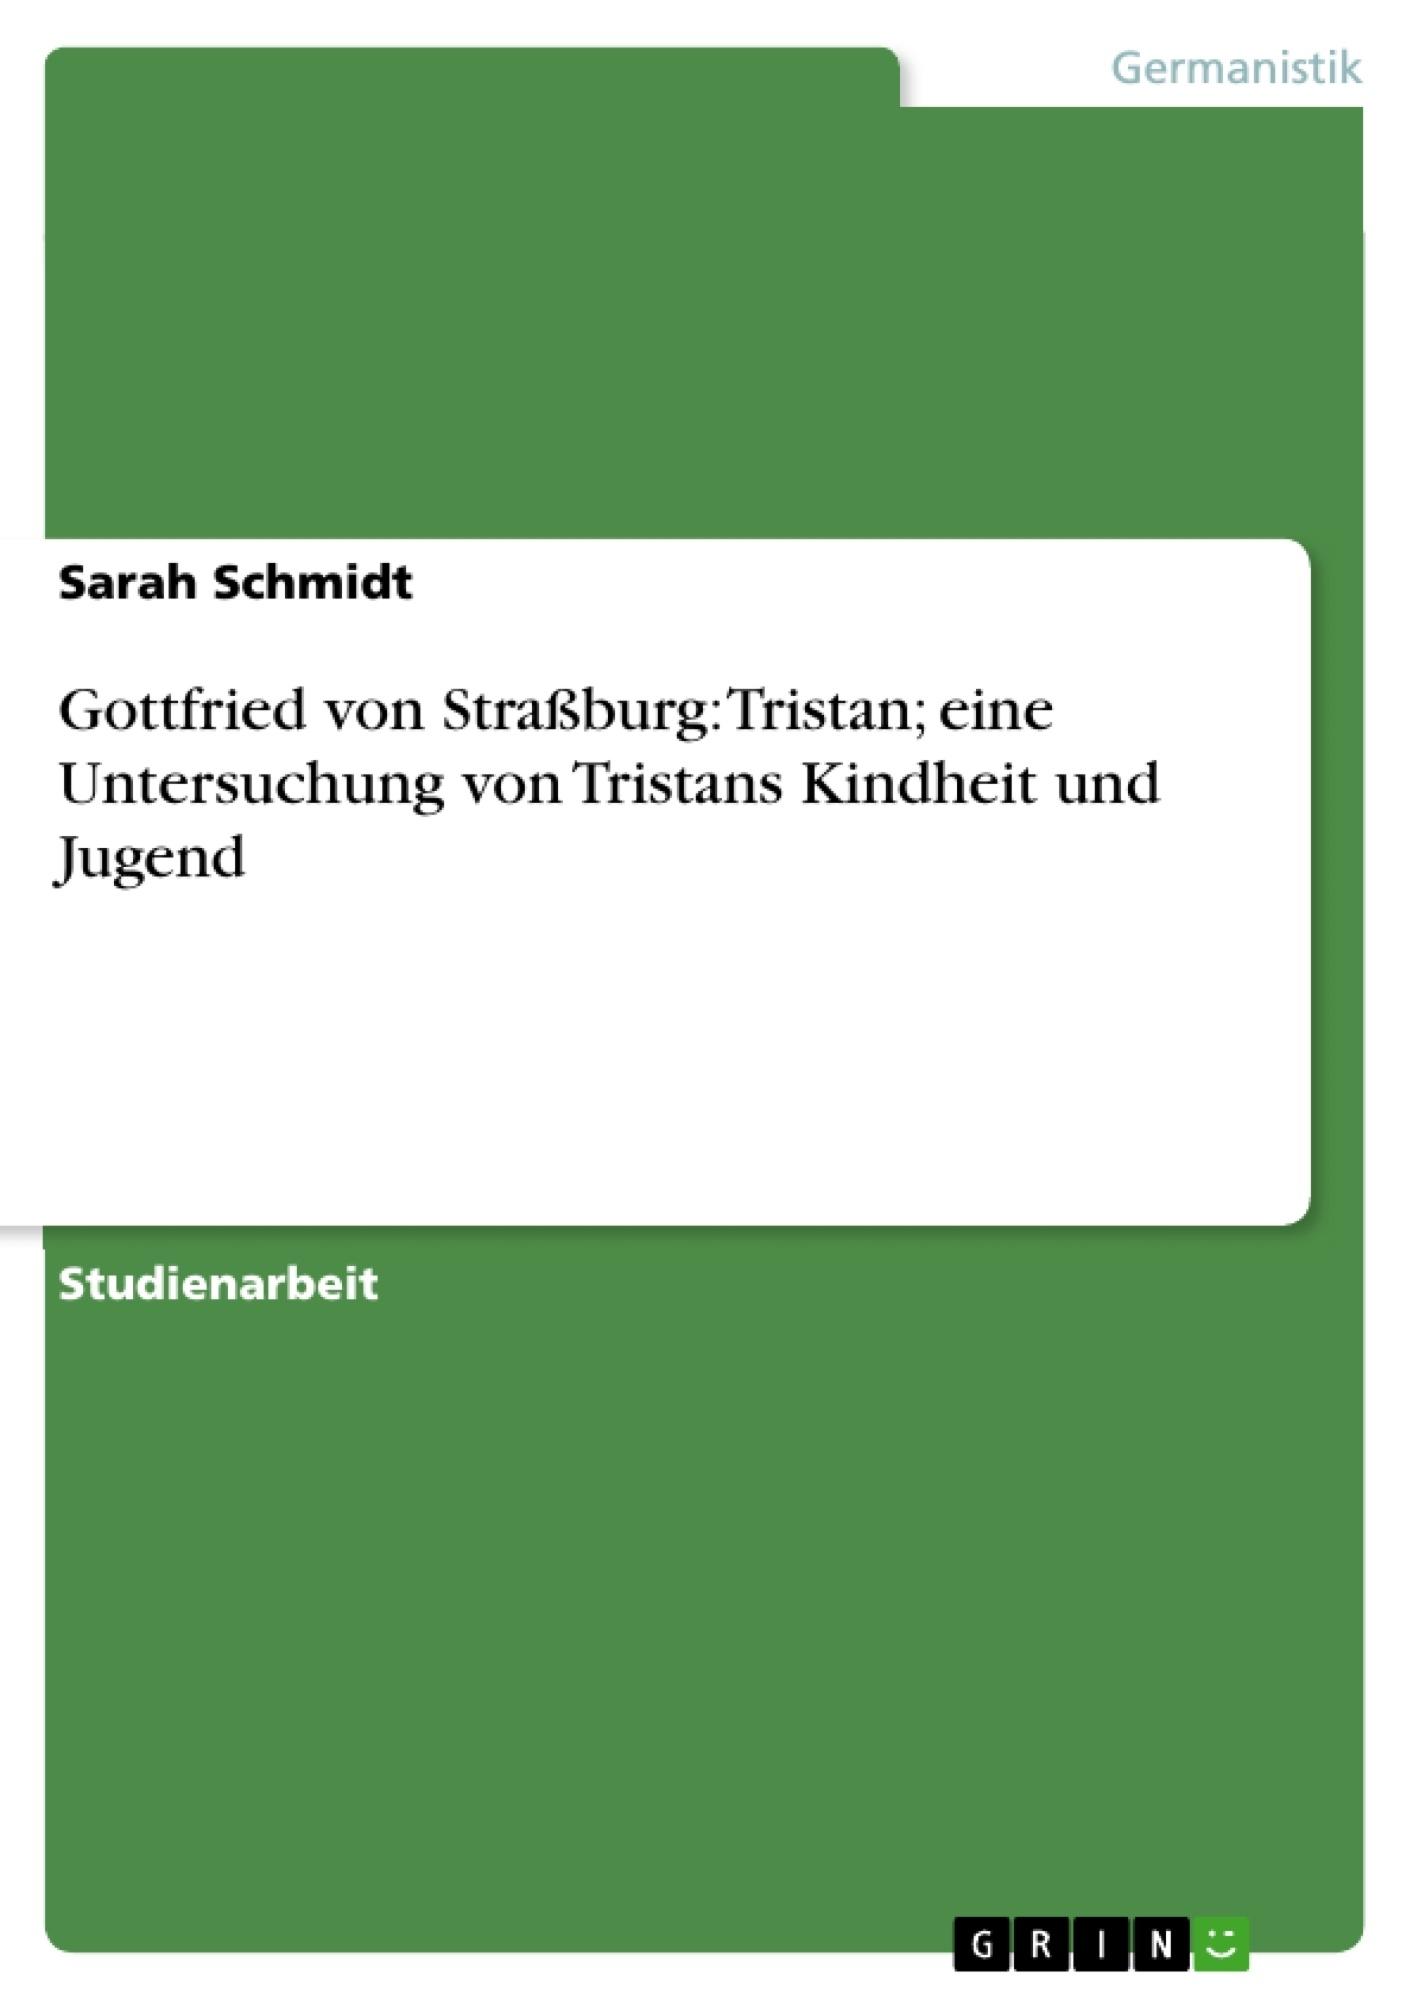 Titel: Gottfried von Straßburg: Tristan; eine Untersuchung von Tristans Kindheit und Jugend